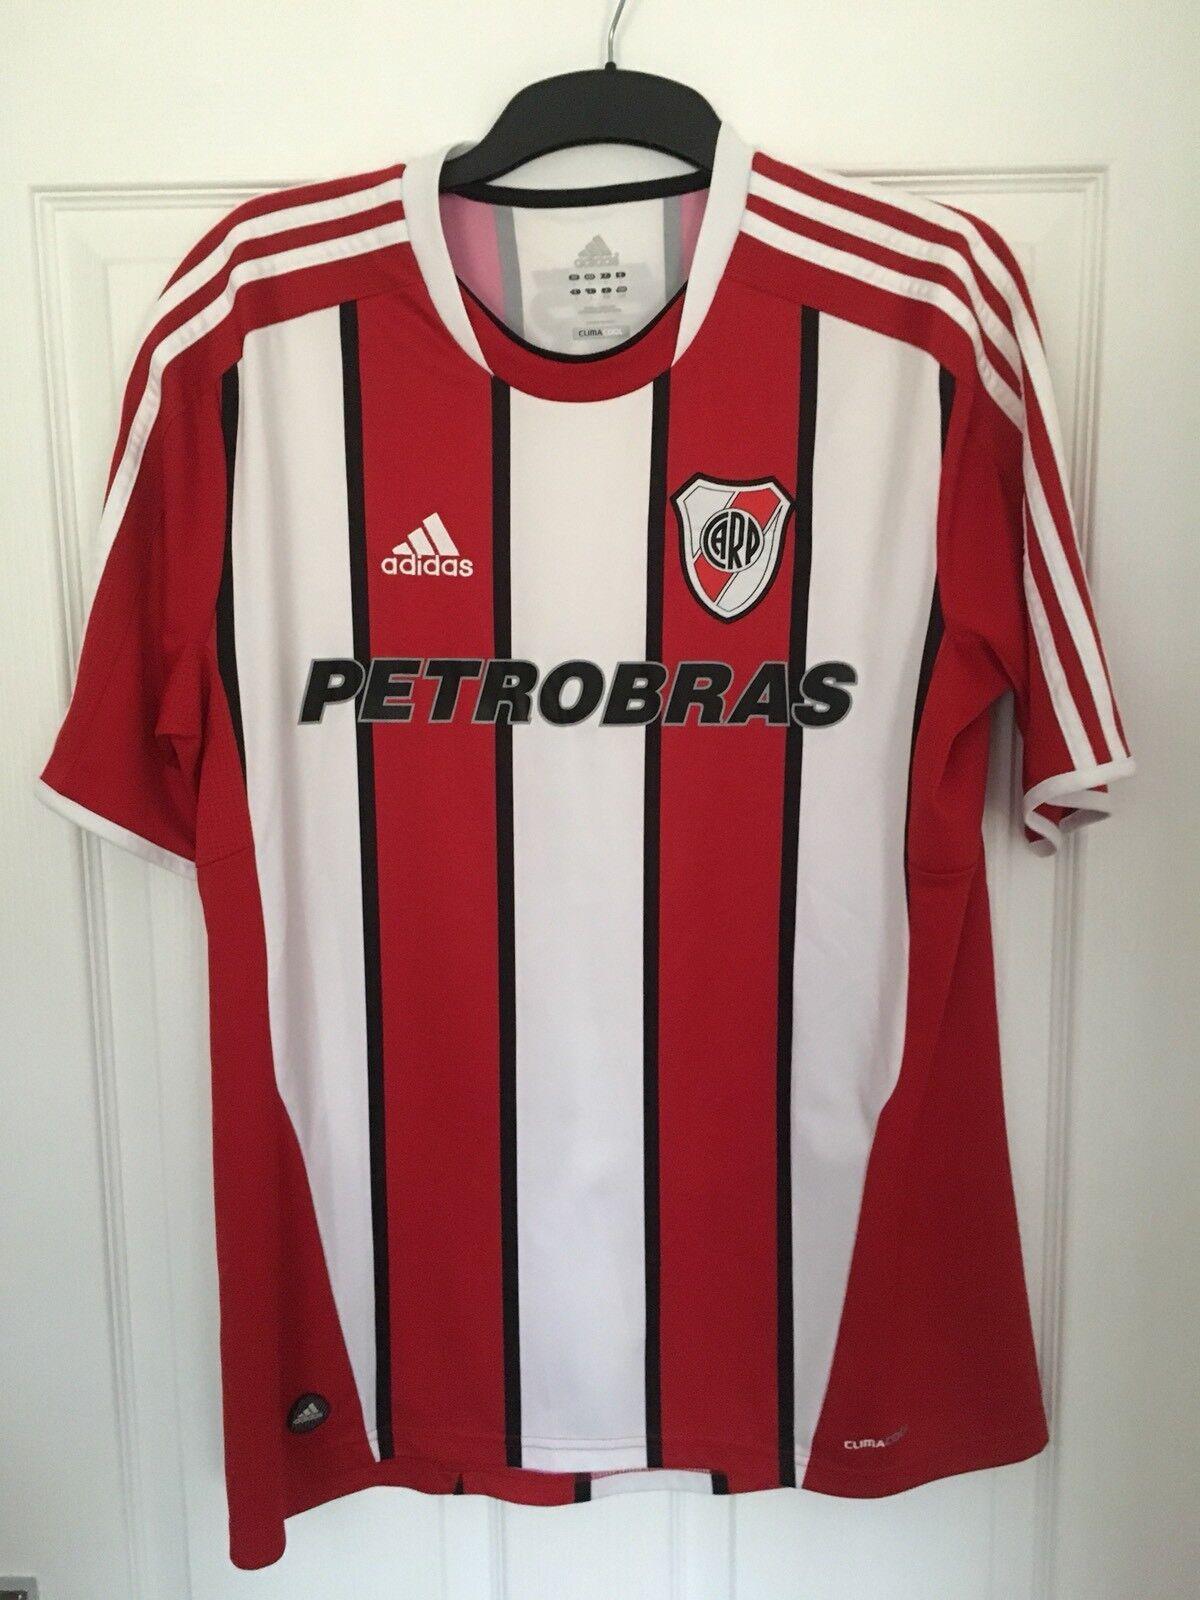 2011 2013 River Plate via maglia da footbtutti Adidas Petrobras rari uomini di grei diuomoioni_;s;